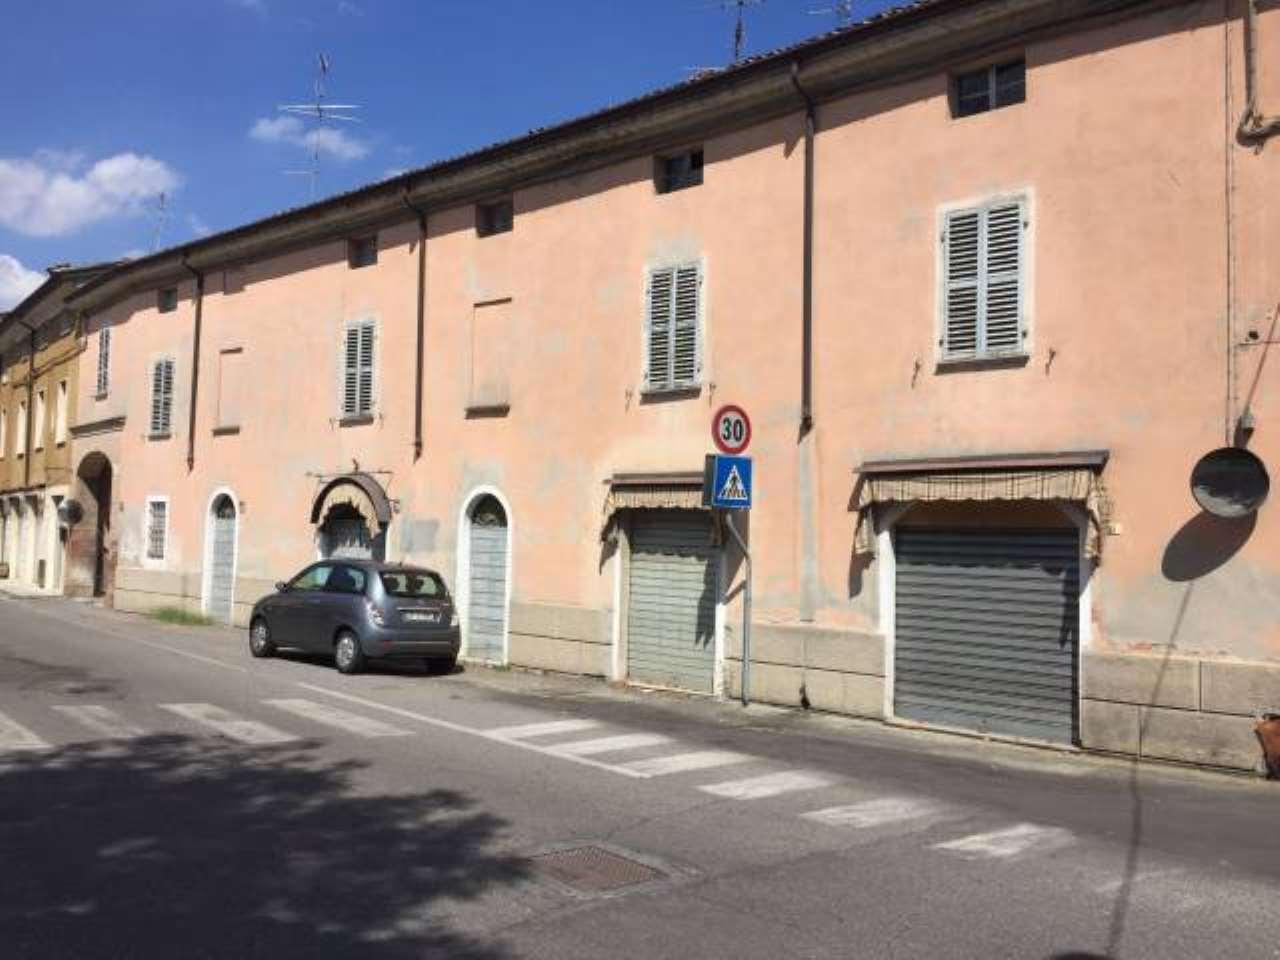 Palazzo / Stabile in vendita a San Giorgio Piacentino, 6 locali, prezzo € 280.000   CambioCasa.it